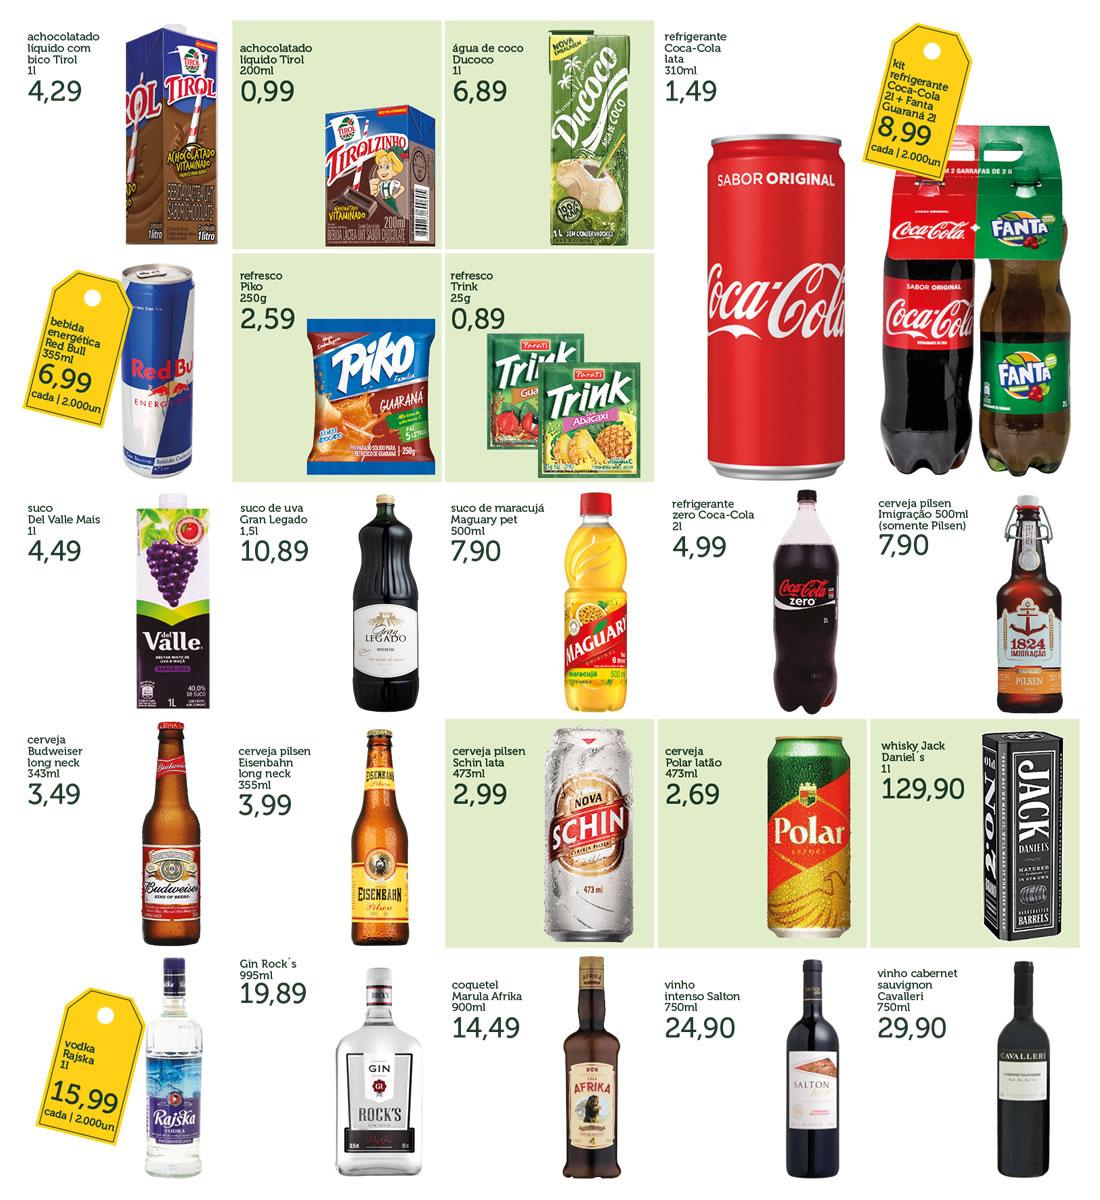 caita_supermercados_tabloide_agosto2018_bento10